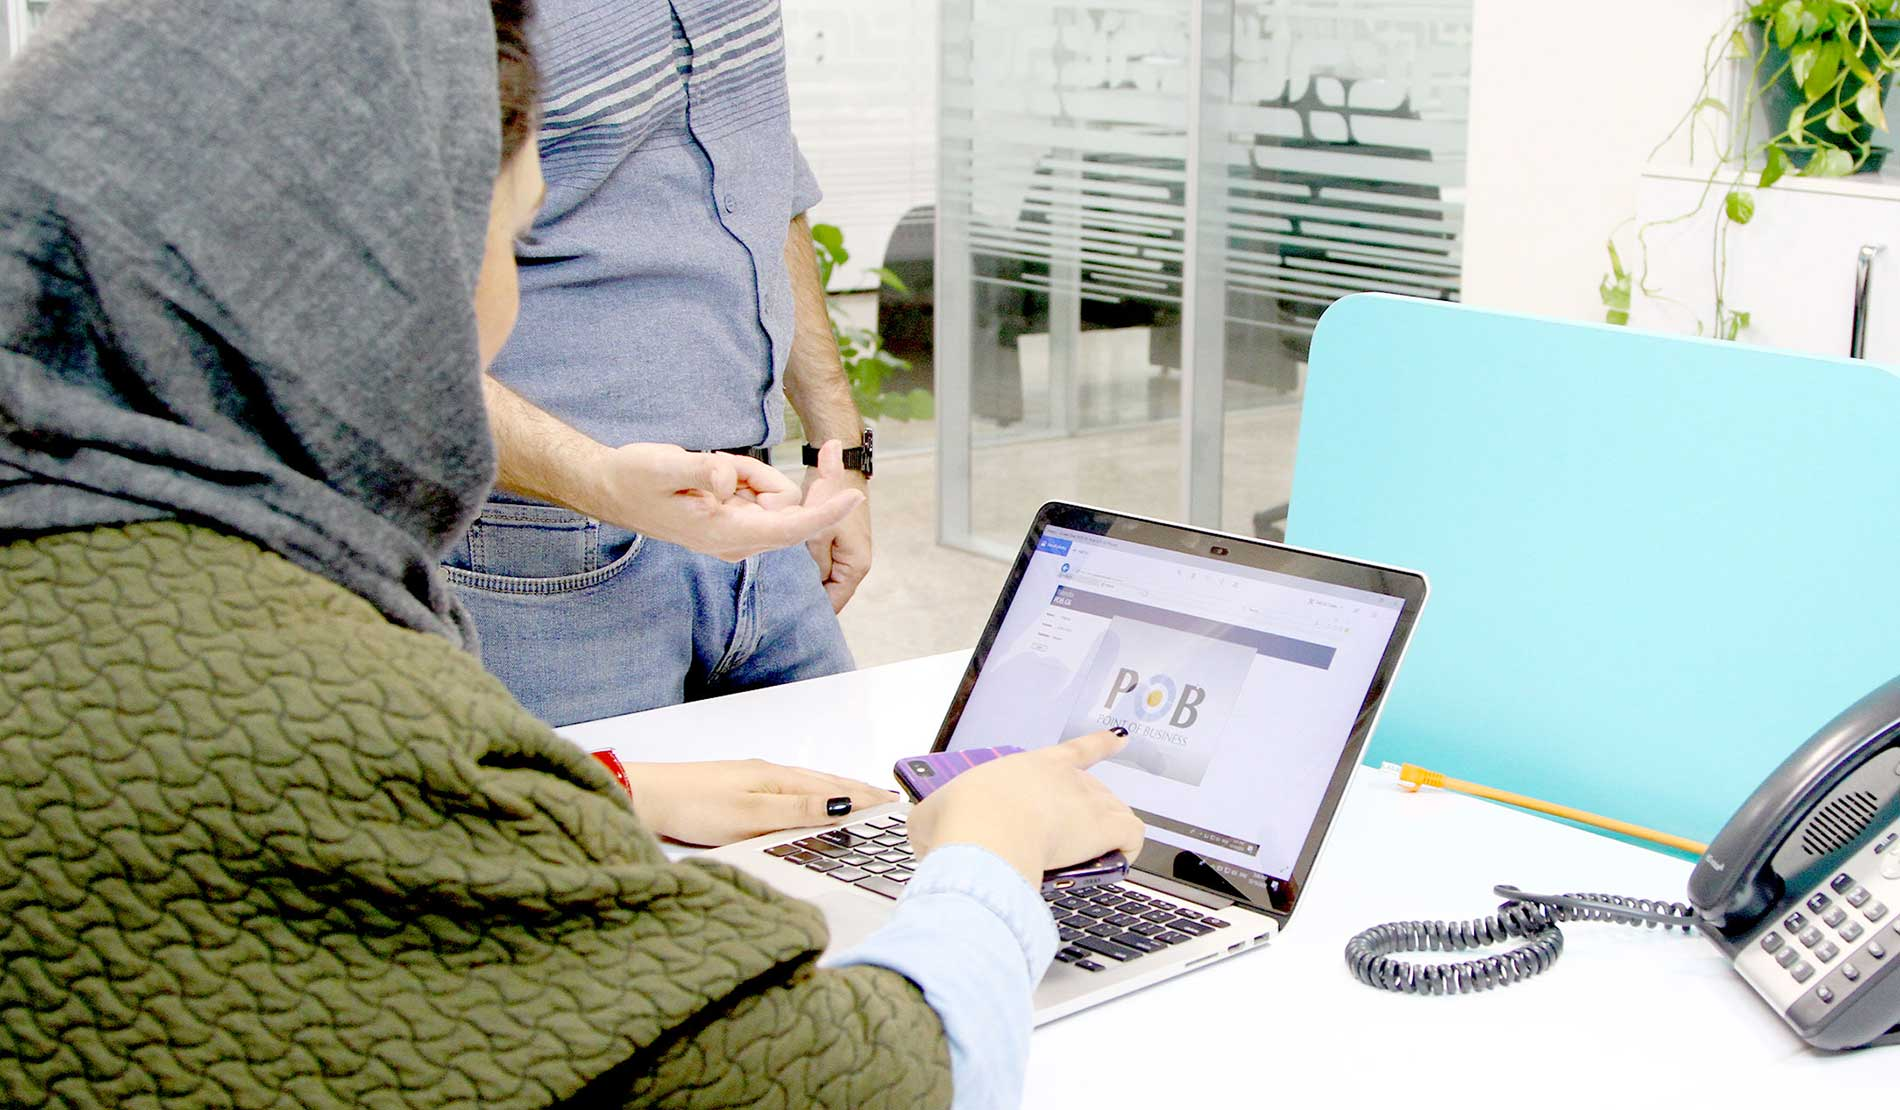 نرم افزار مدیریت خدمات فناوری اطلاعات